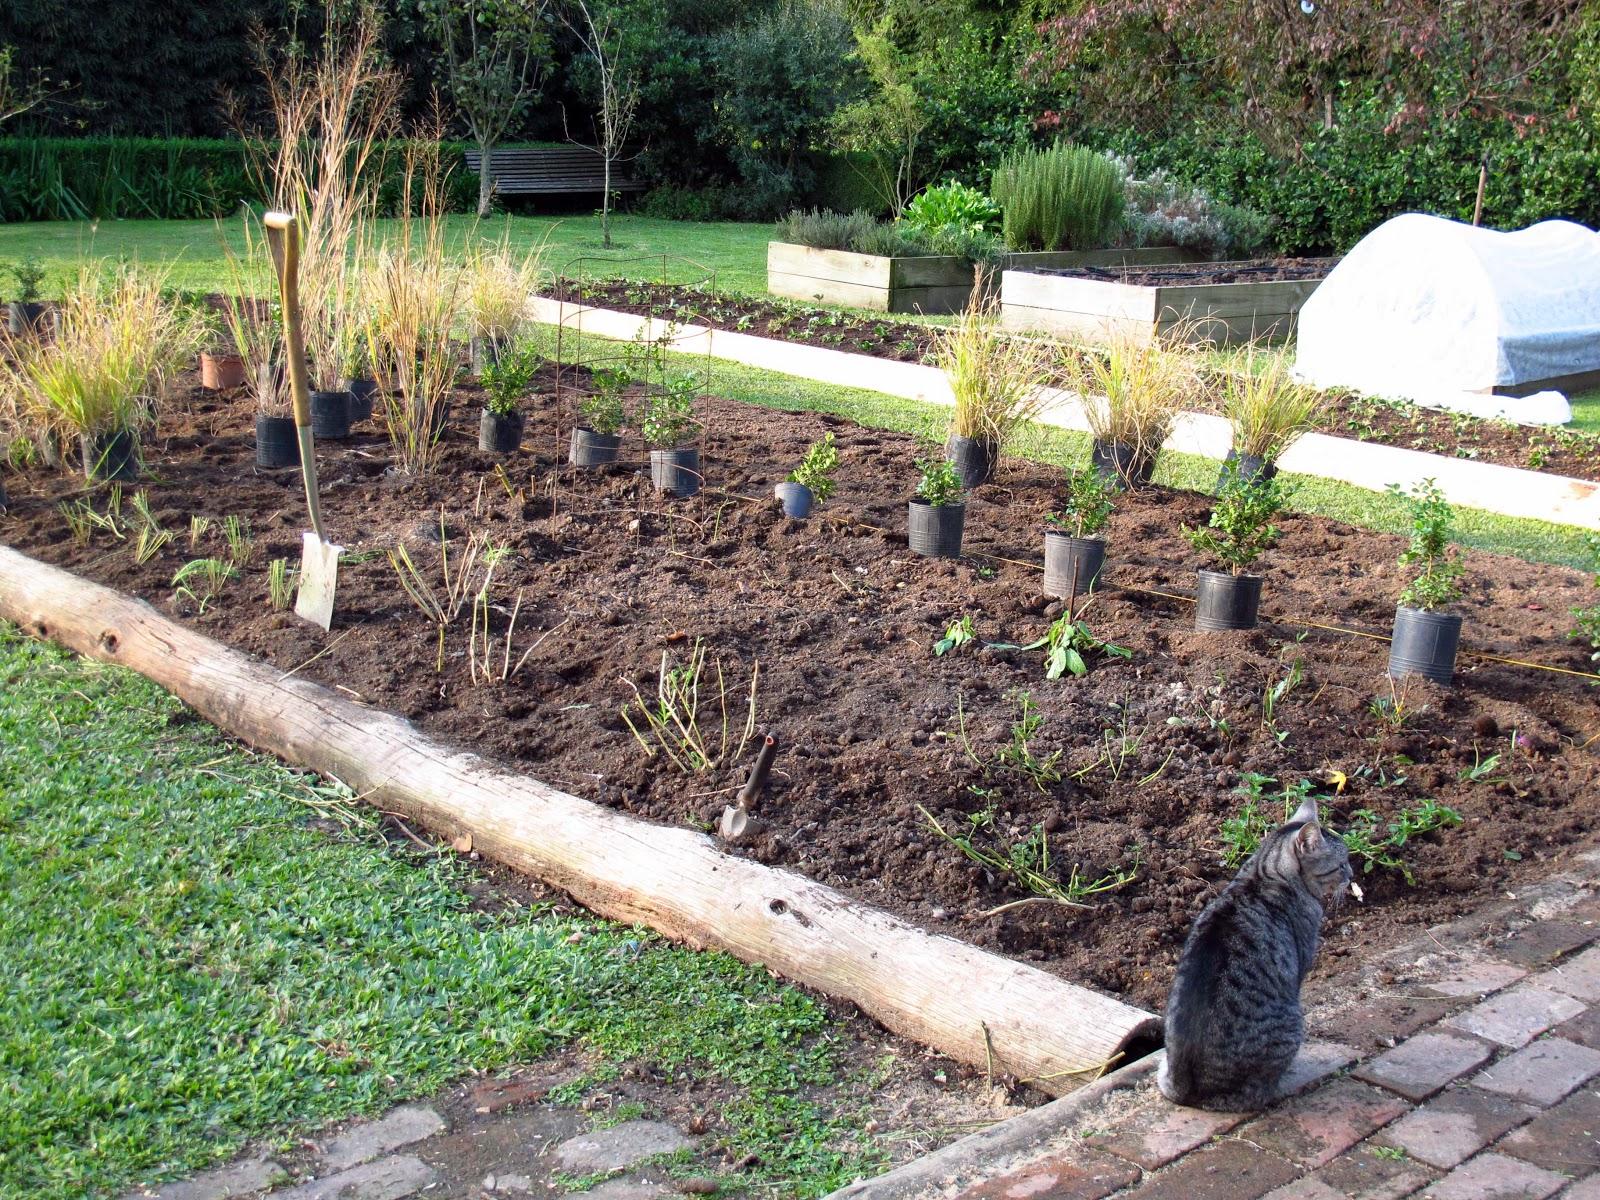 En el jardin nuevo cantero en construcci n for Canteros con piedras y plantas